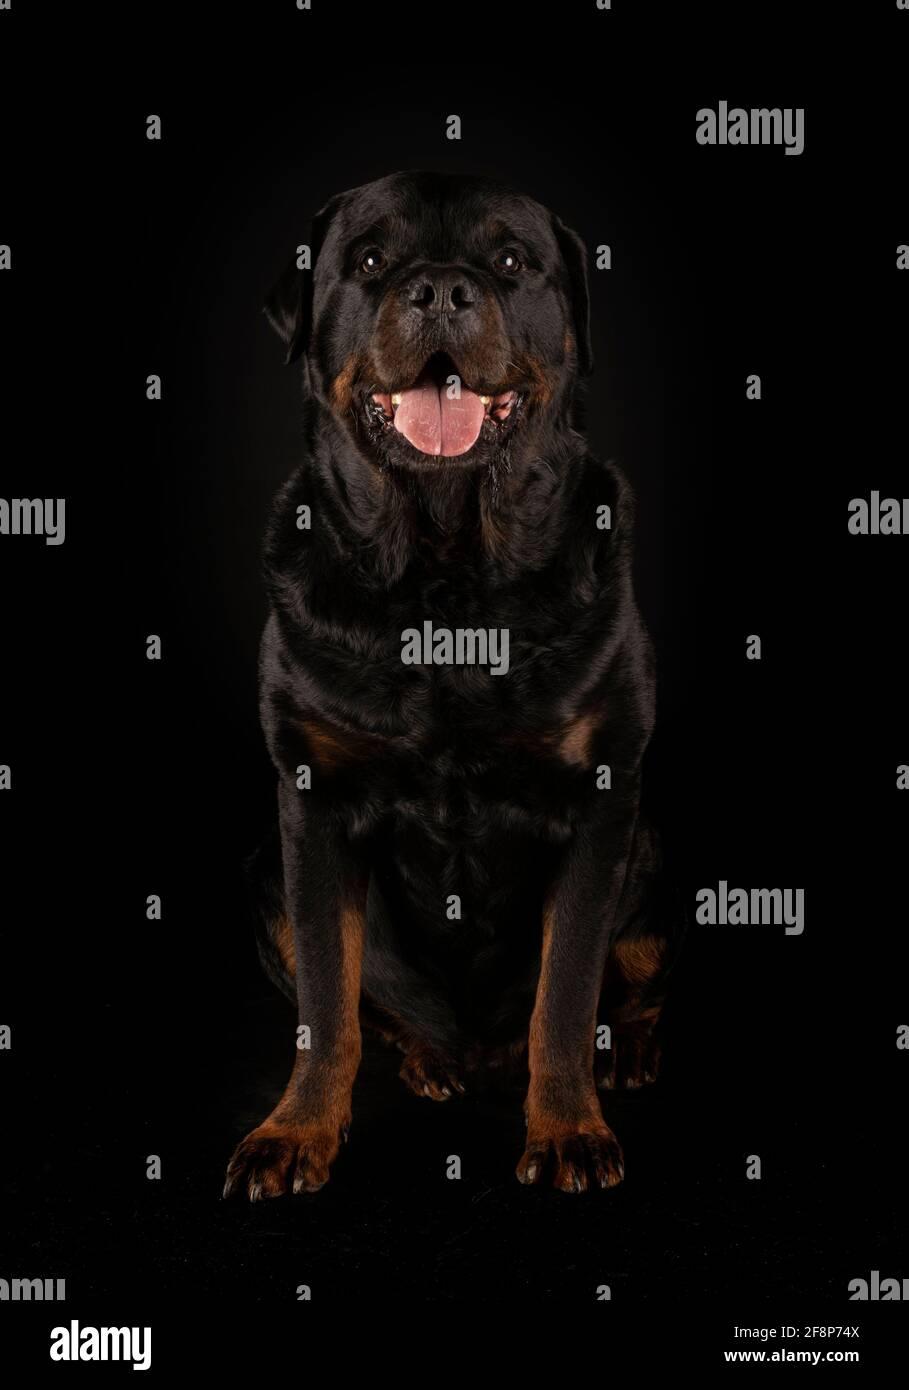 Reinrassige Rottweiler vor schwarzem Hintergrund Stockfoto